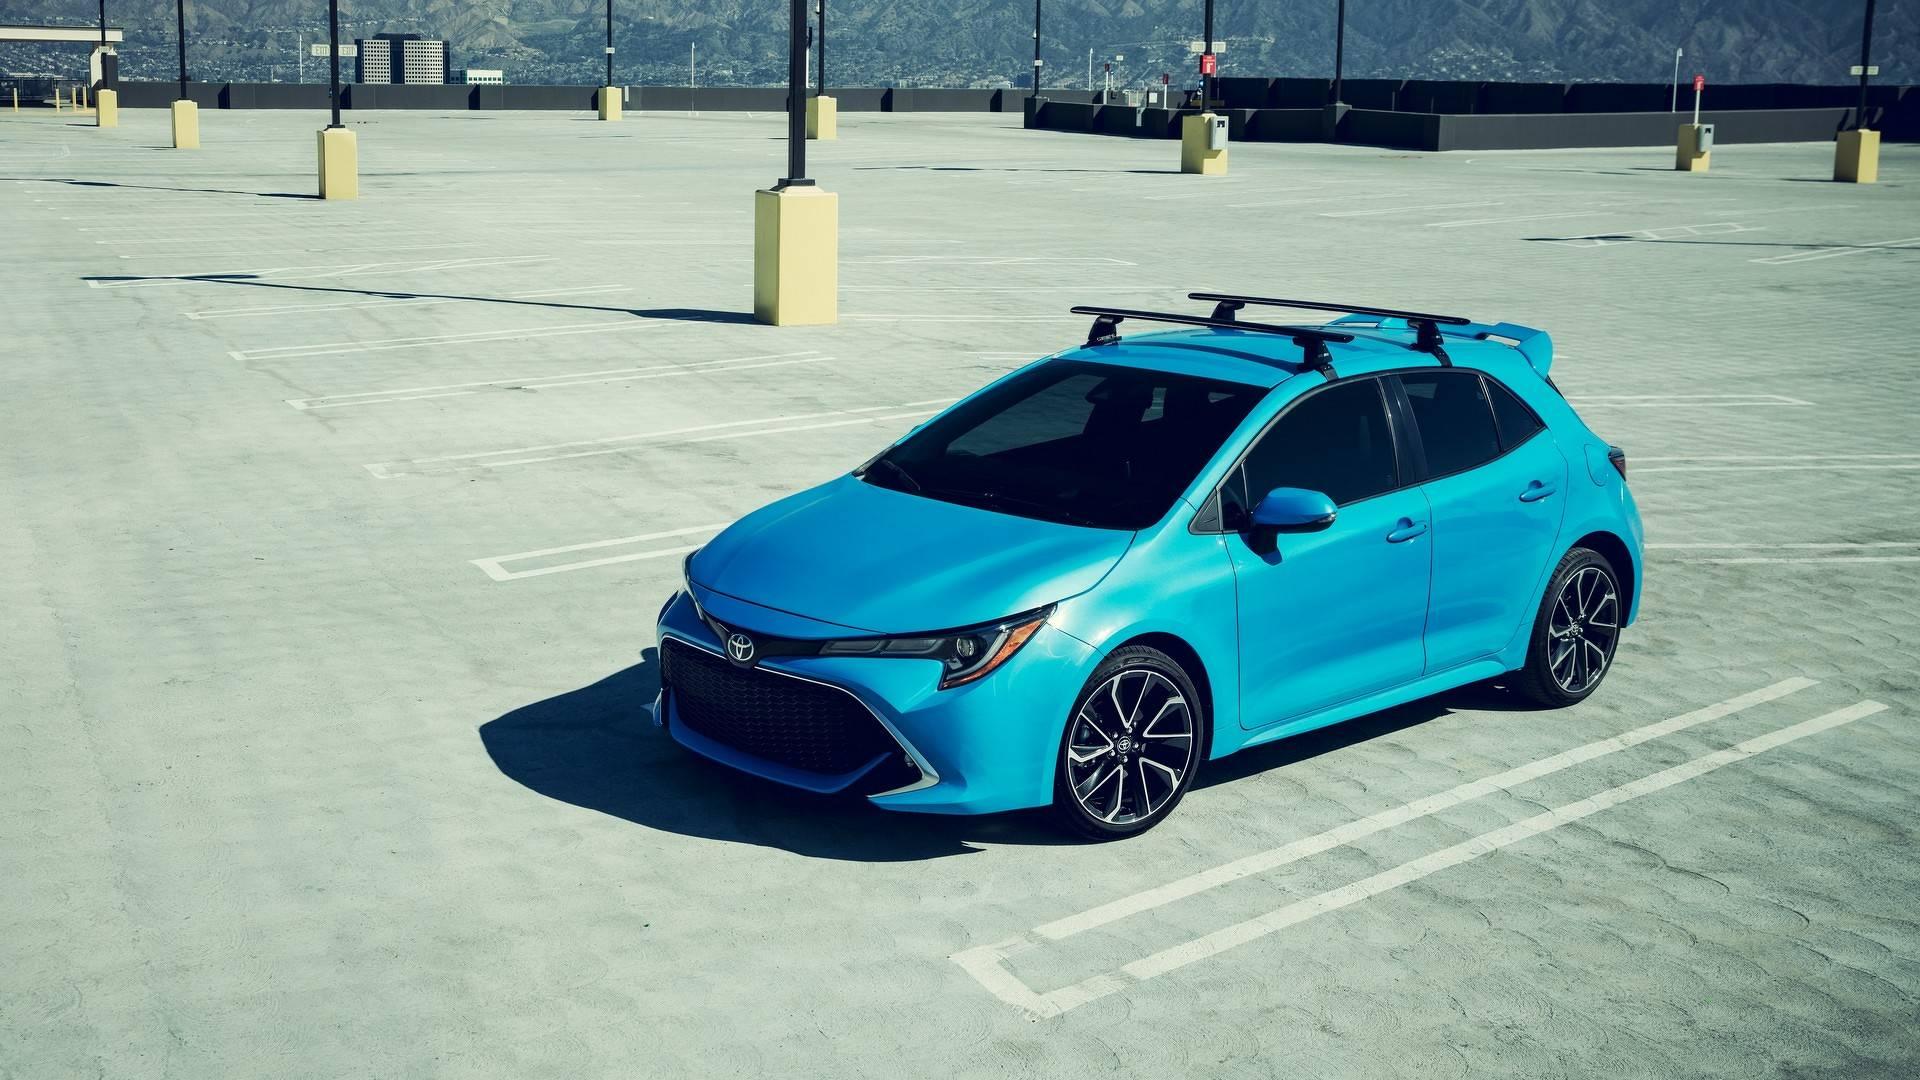 2019_Toyota_Corolla_Hatchback_0001